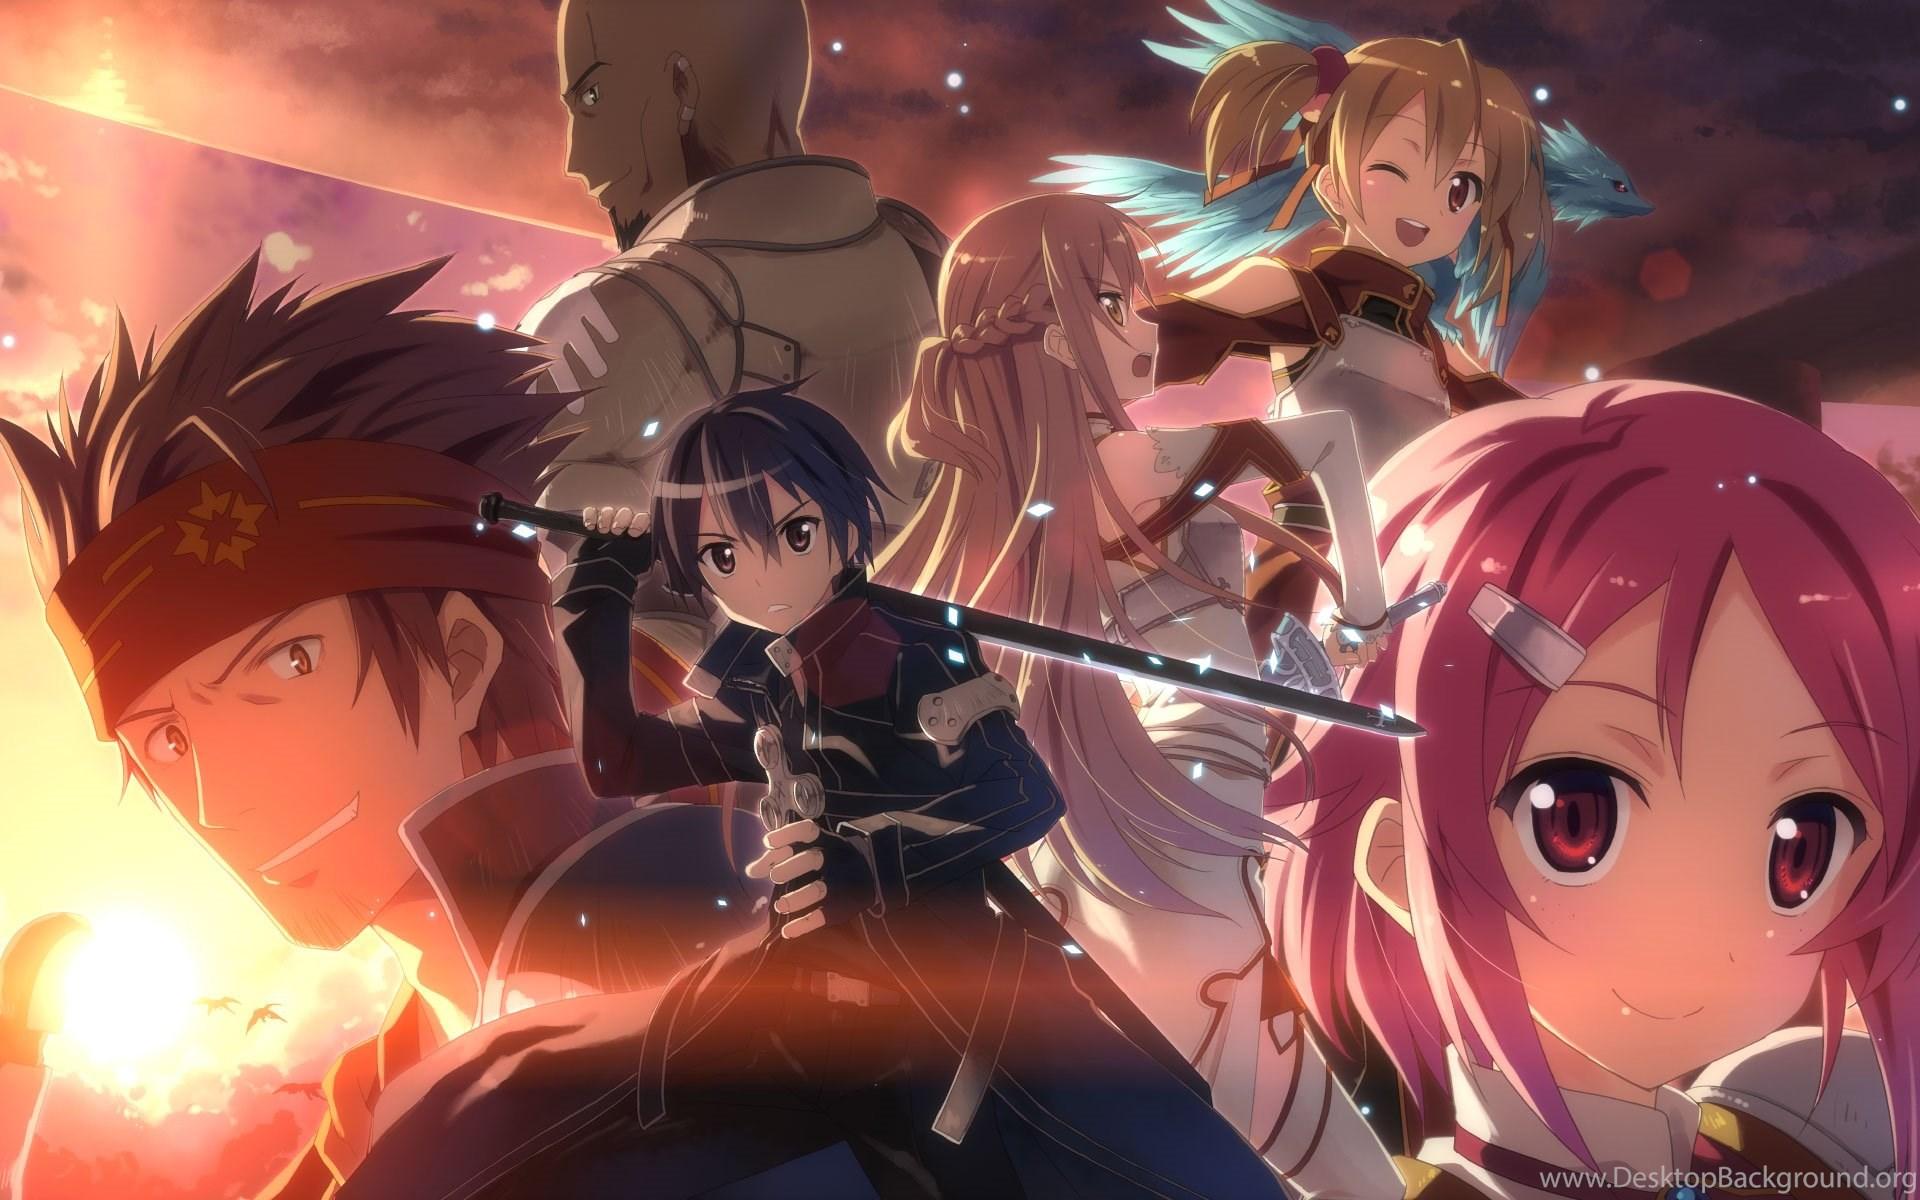 Hd Sao Sword Art Online Kirito And Asuna Desktop Wallpapers Full